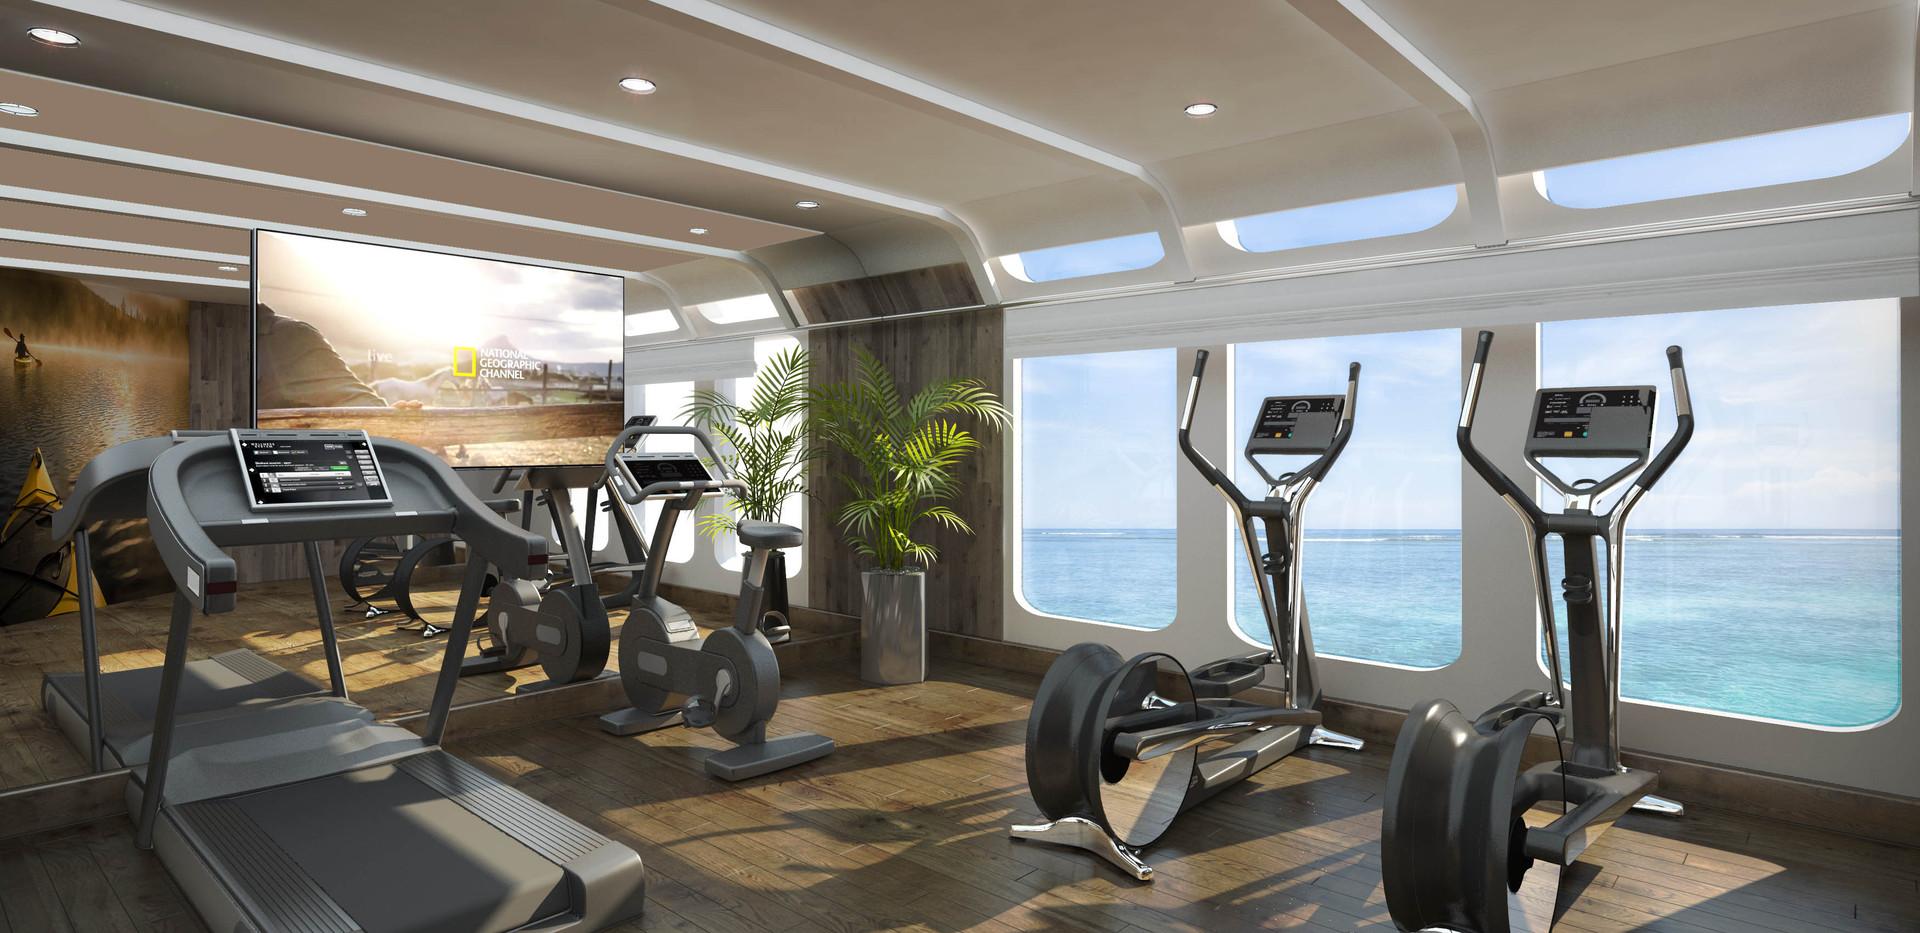 Panorama gym 1.2_2.jpg